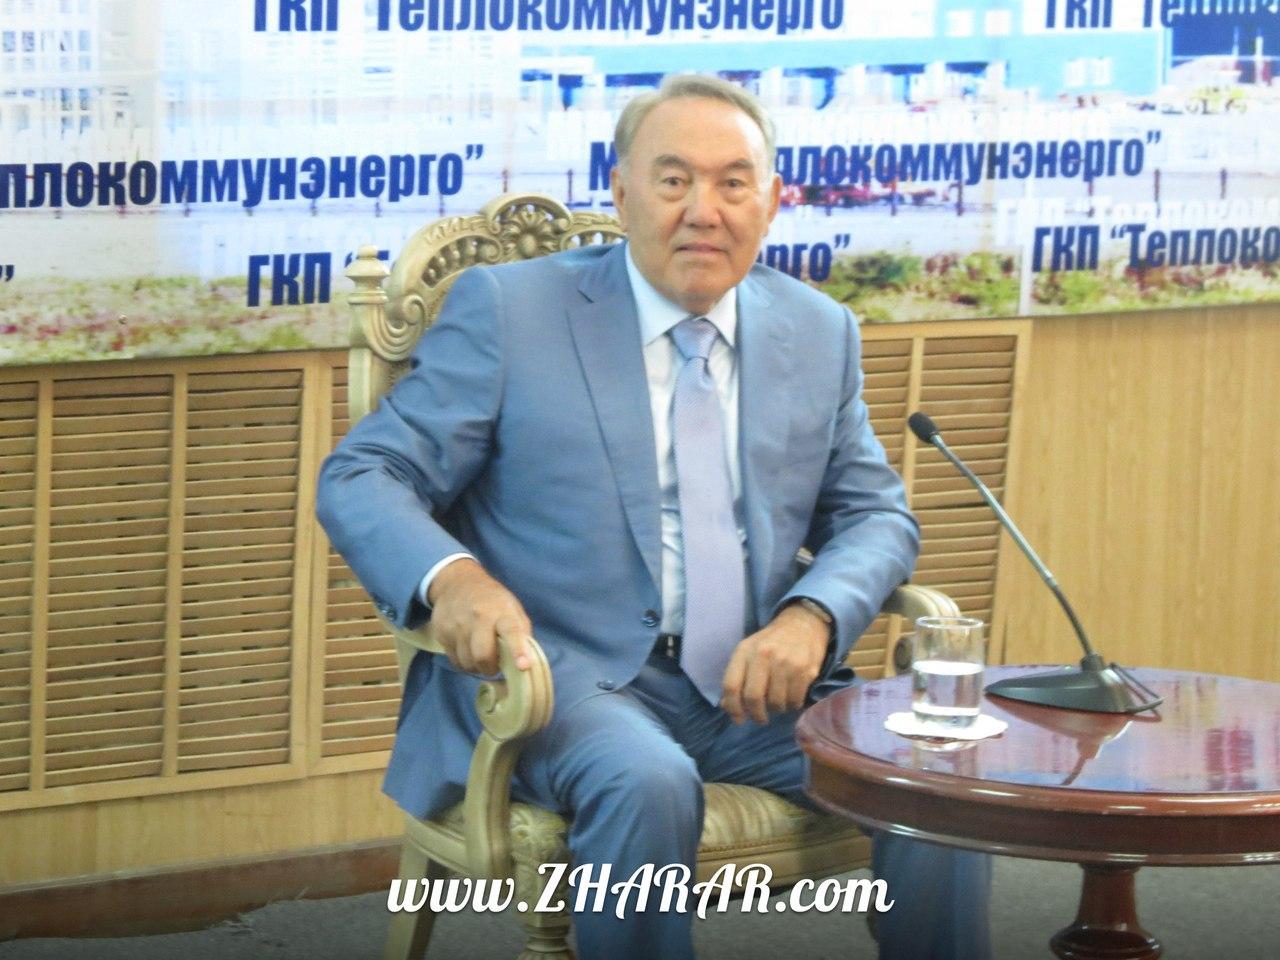 Назарбаев: Қасиетті жеріміз көкте де, жерде де, суда да сенімді қорғалған